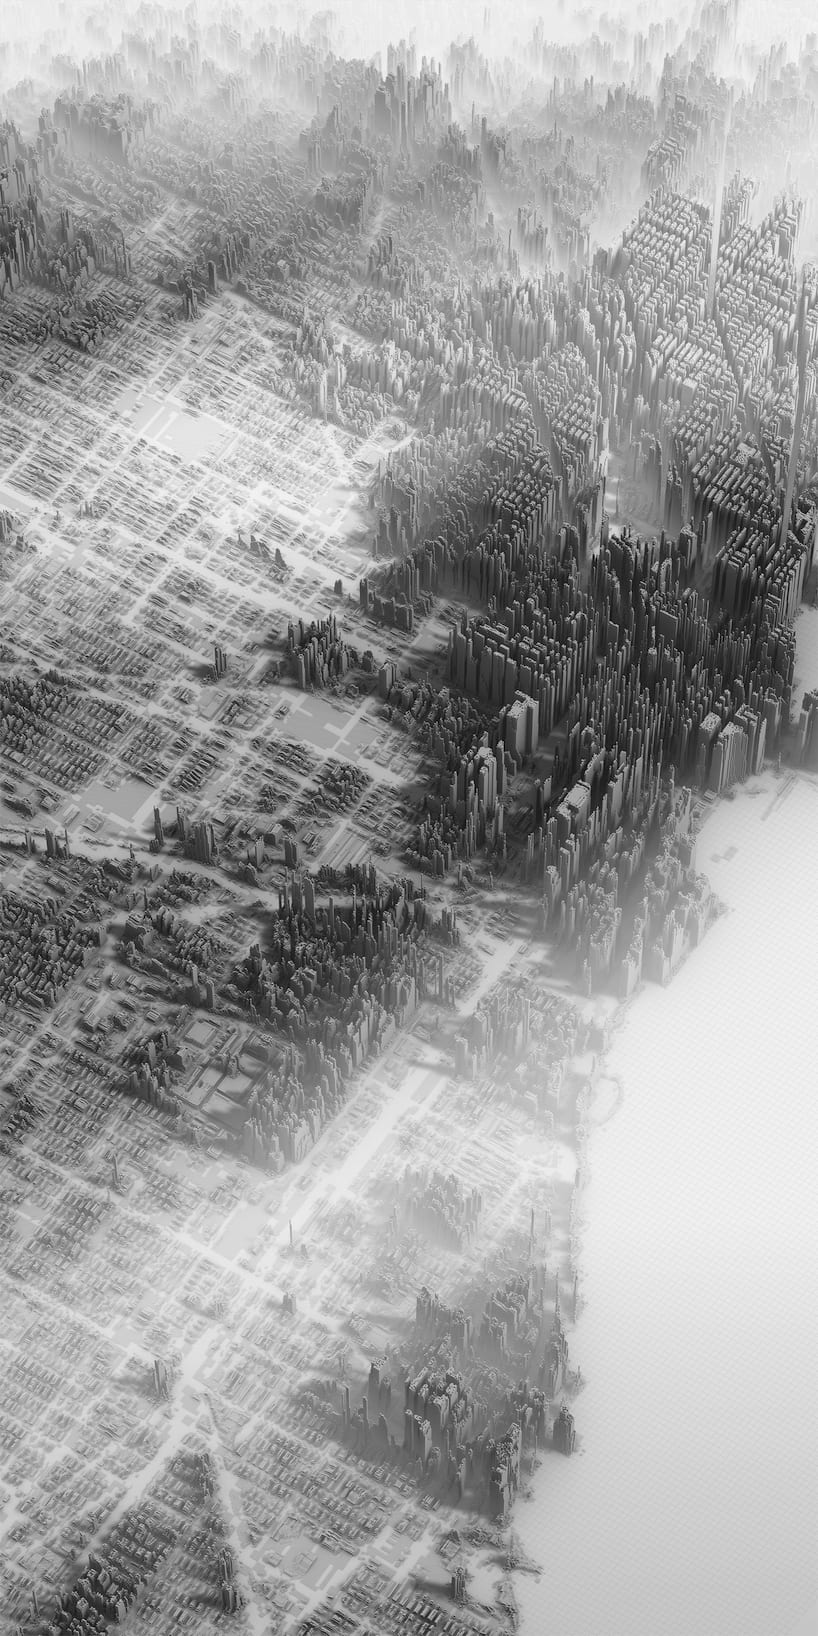 img 3 1476916409 29be9ff803dce23a8414089b1b93cc1c - Herwig Scherabon vizuálně zdůrazňuje nerovnost příjmů ve velkých městech